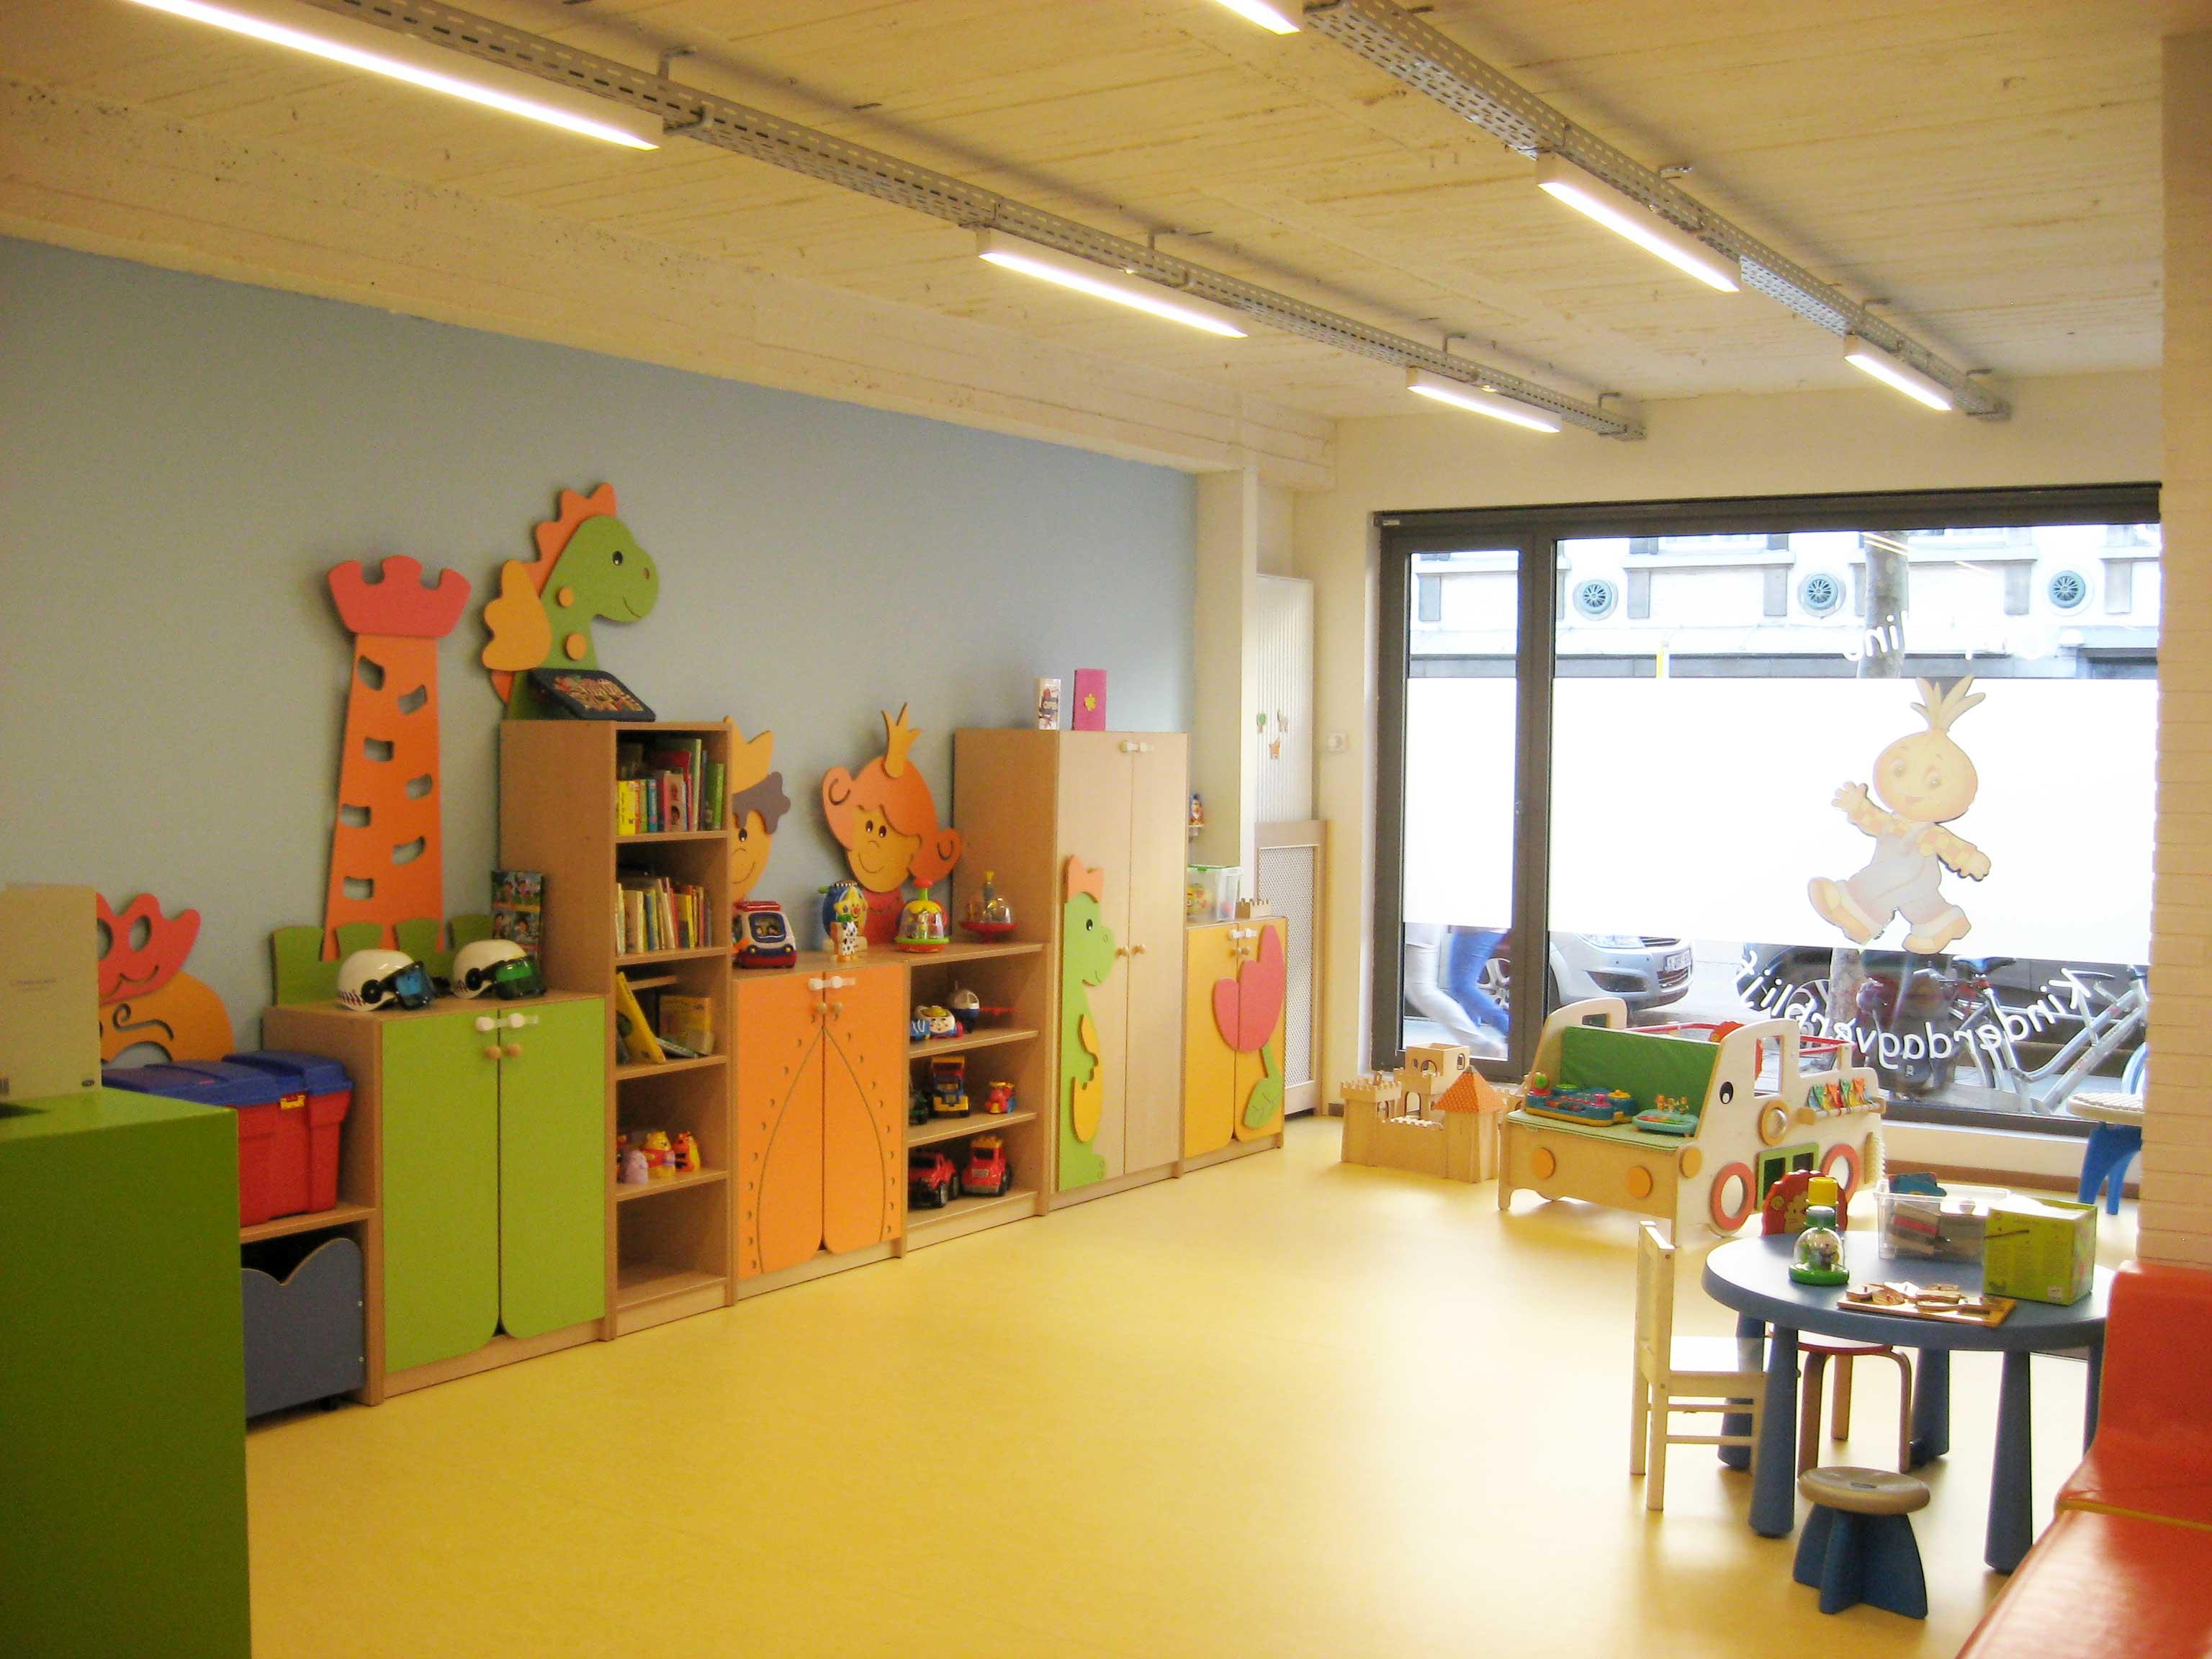 Speelruimte peuters Kinderdagverblijf Chipollino - Kinderopvang centraal in Antwerpen bij Rooseveltplaats. Groepsopvang, mini-creche, met herbruikbare luiers.